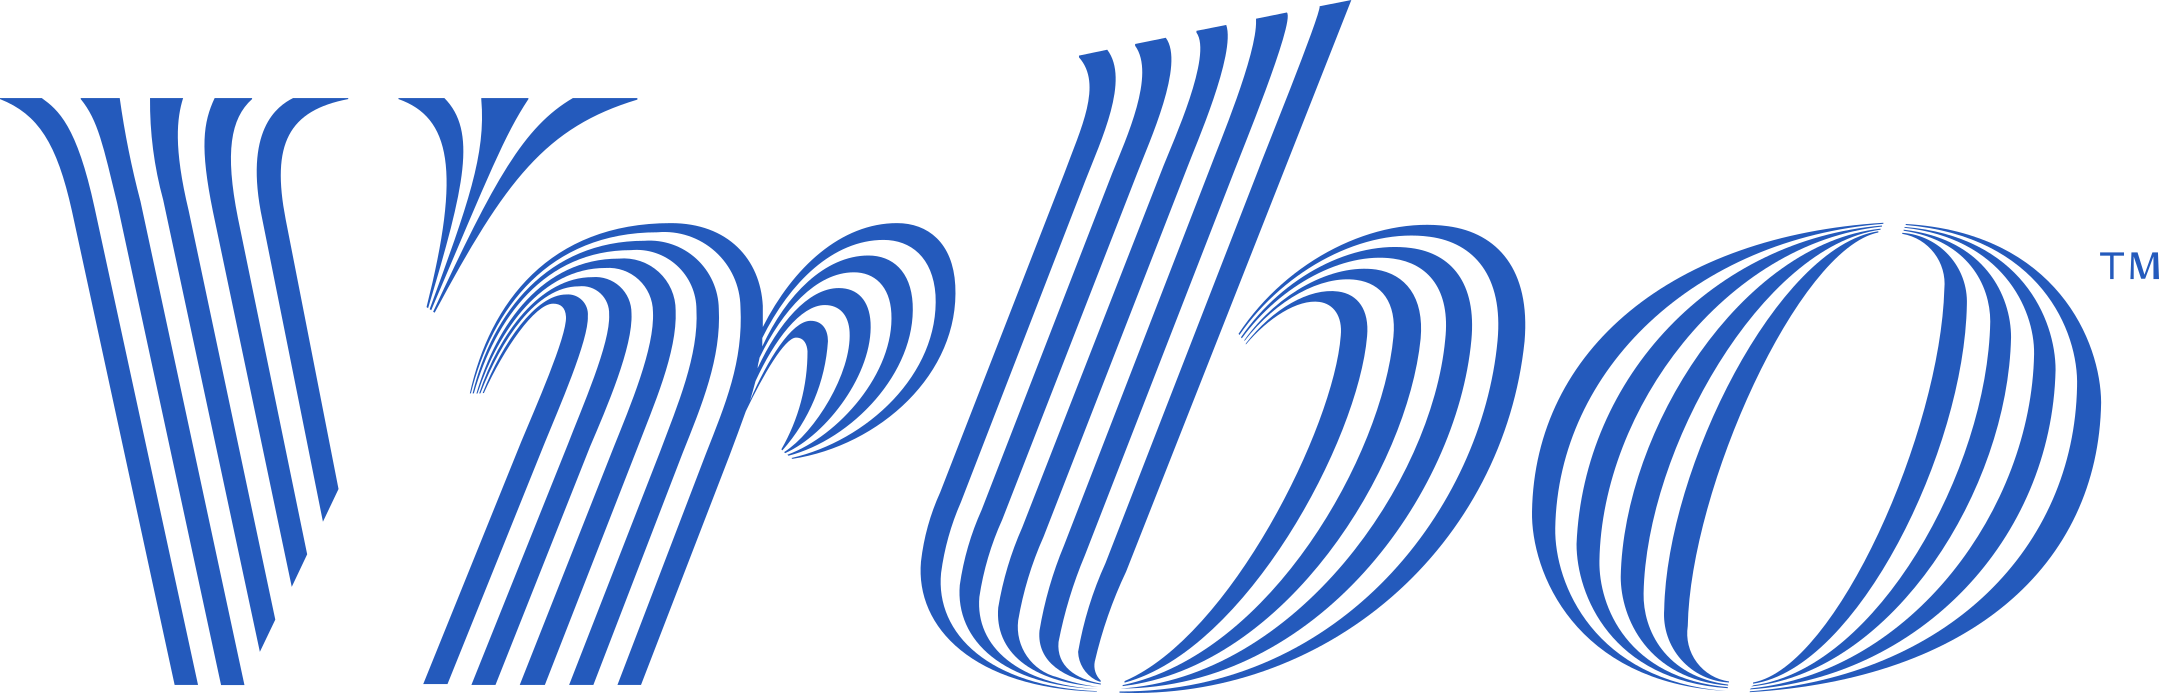 vrbo logo 1 - VRBO Logo